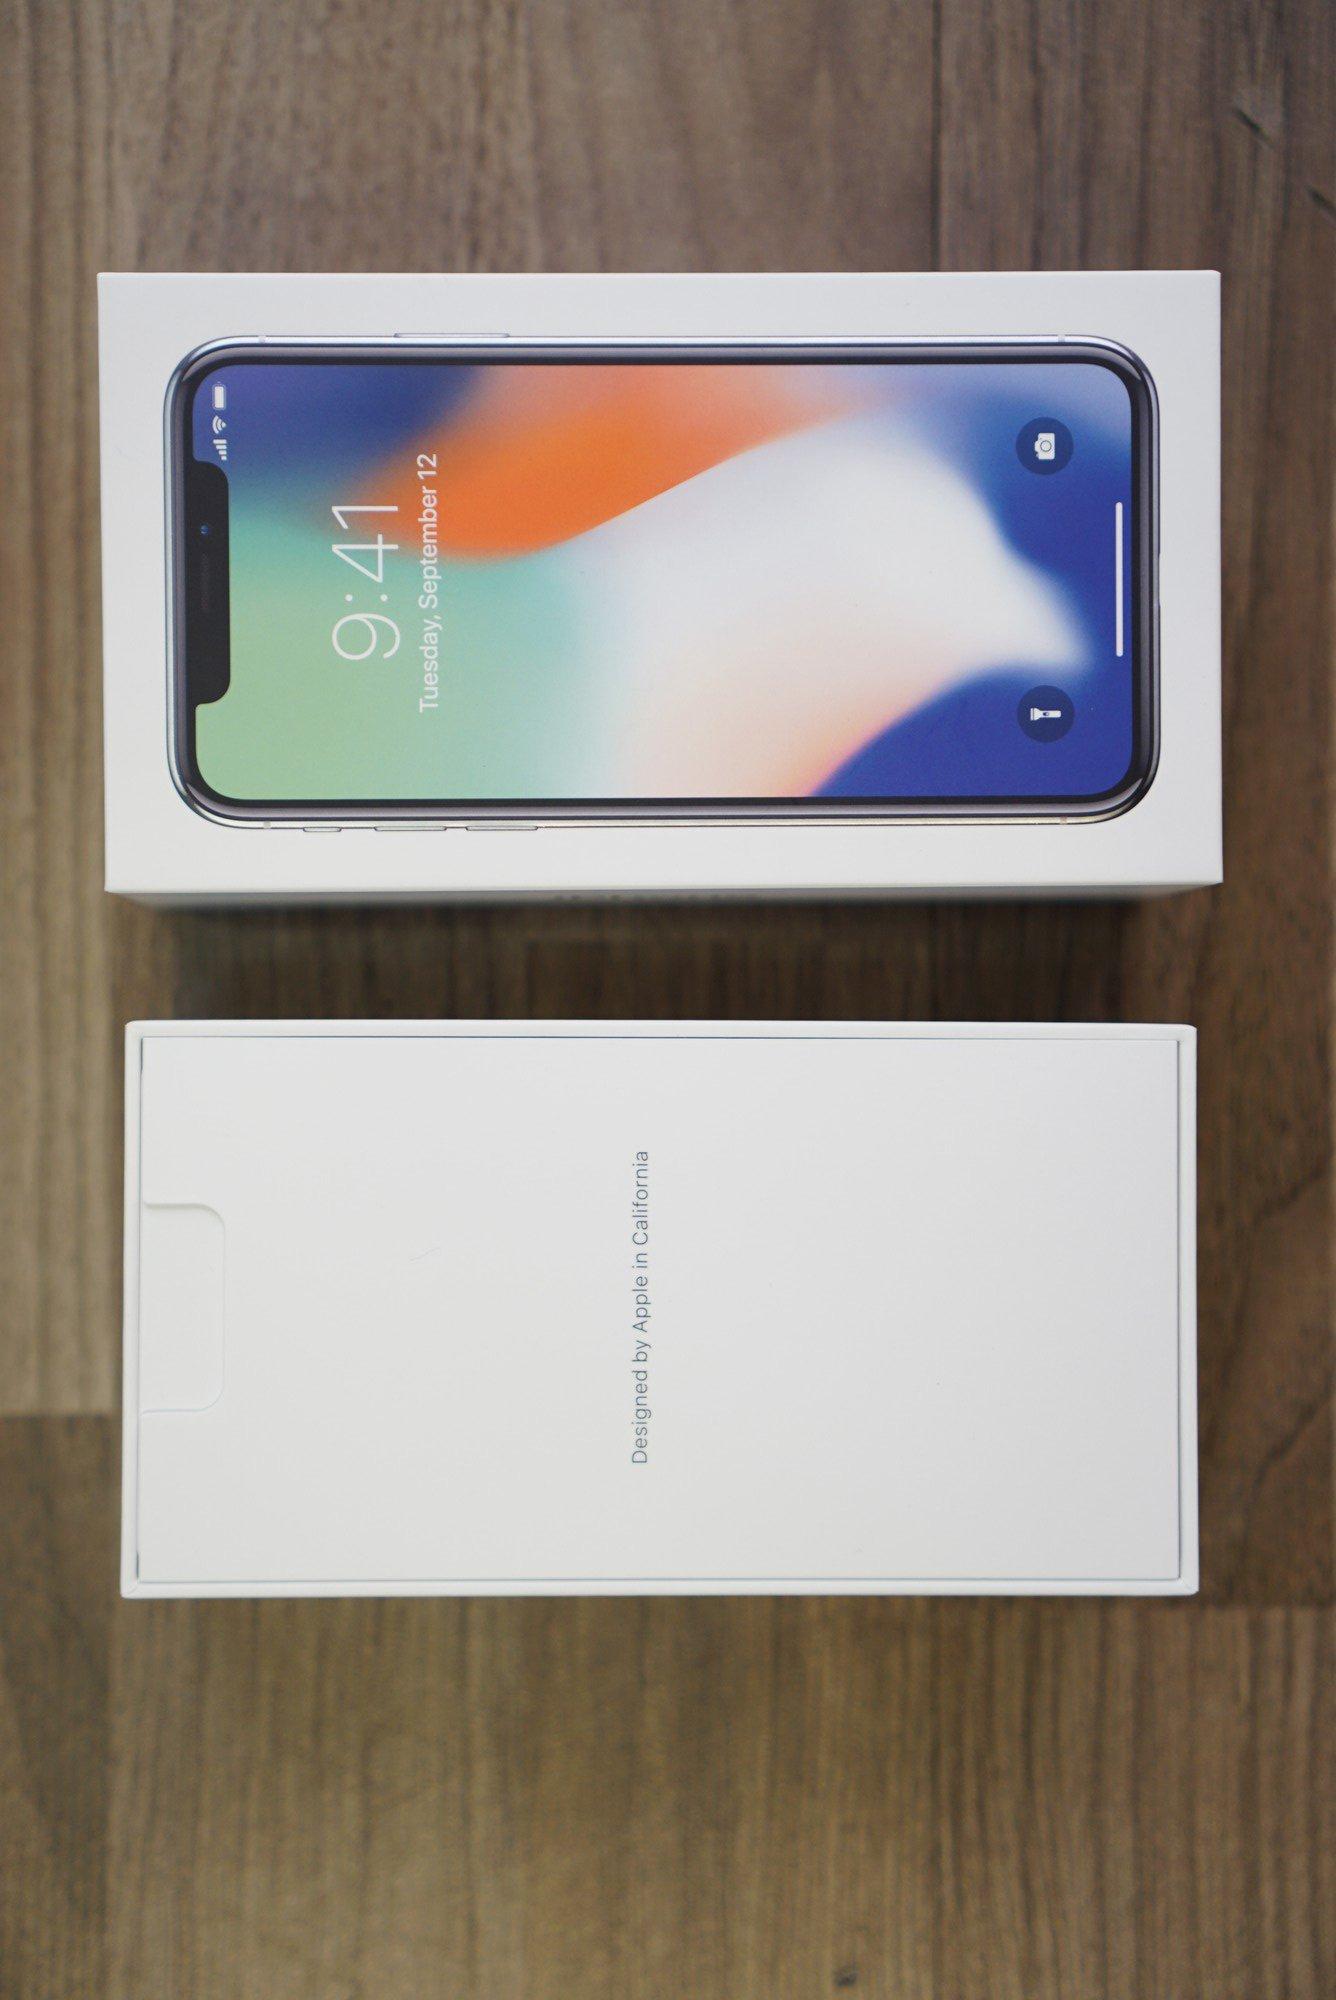 iPhone X giá 68 triệu đây rồi: Màn hình đẹp sắc sảo, thiết kế toàn diện, thao tác hoàn toàn mới 2